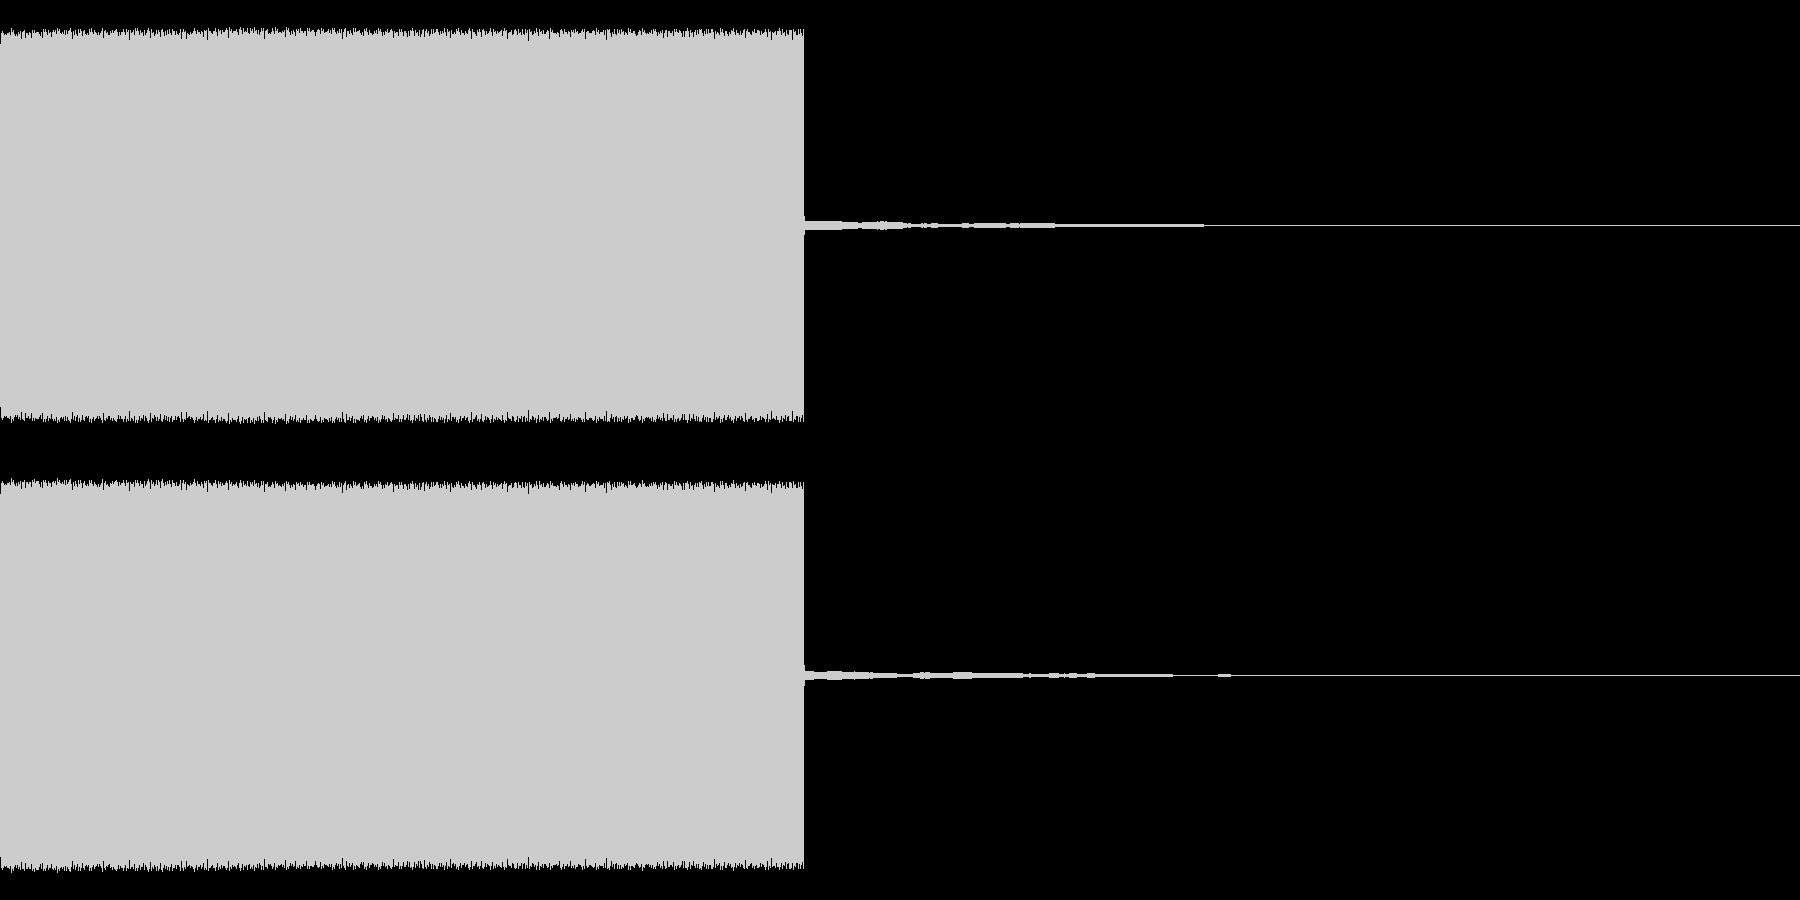 自主規制音3 ピー ロングの未再生の波形